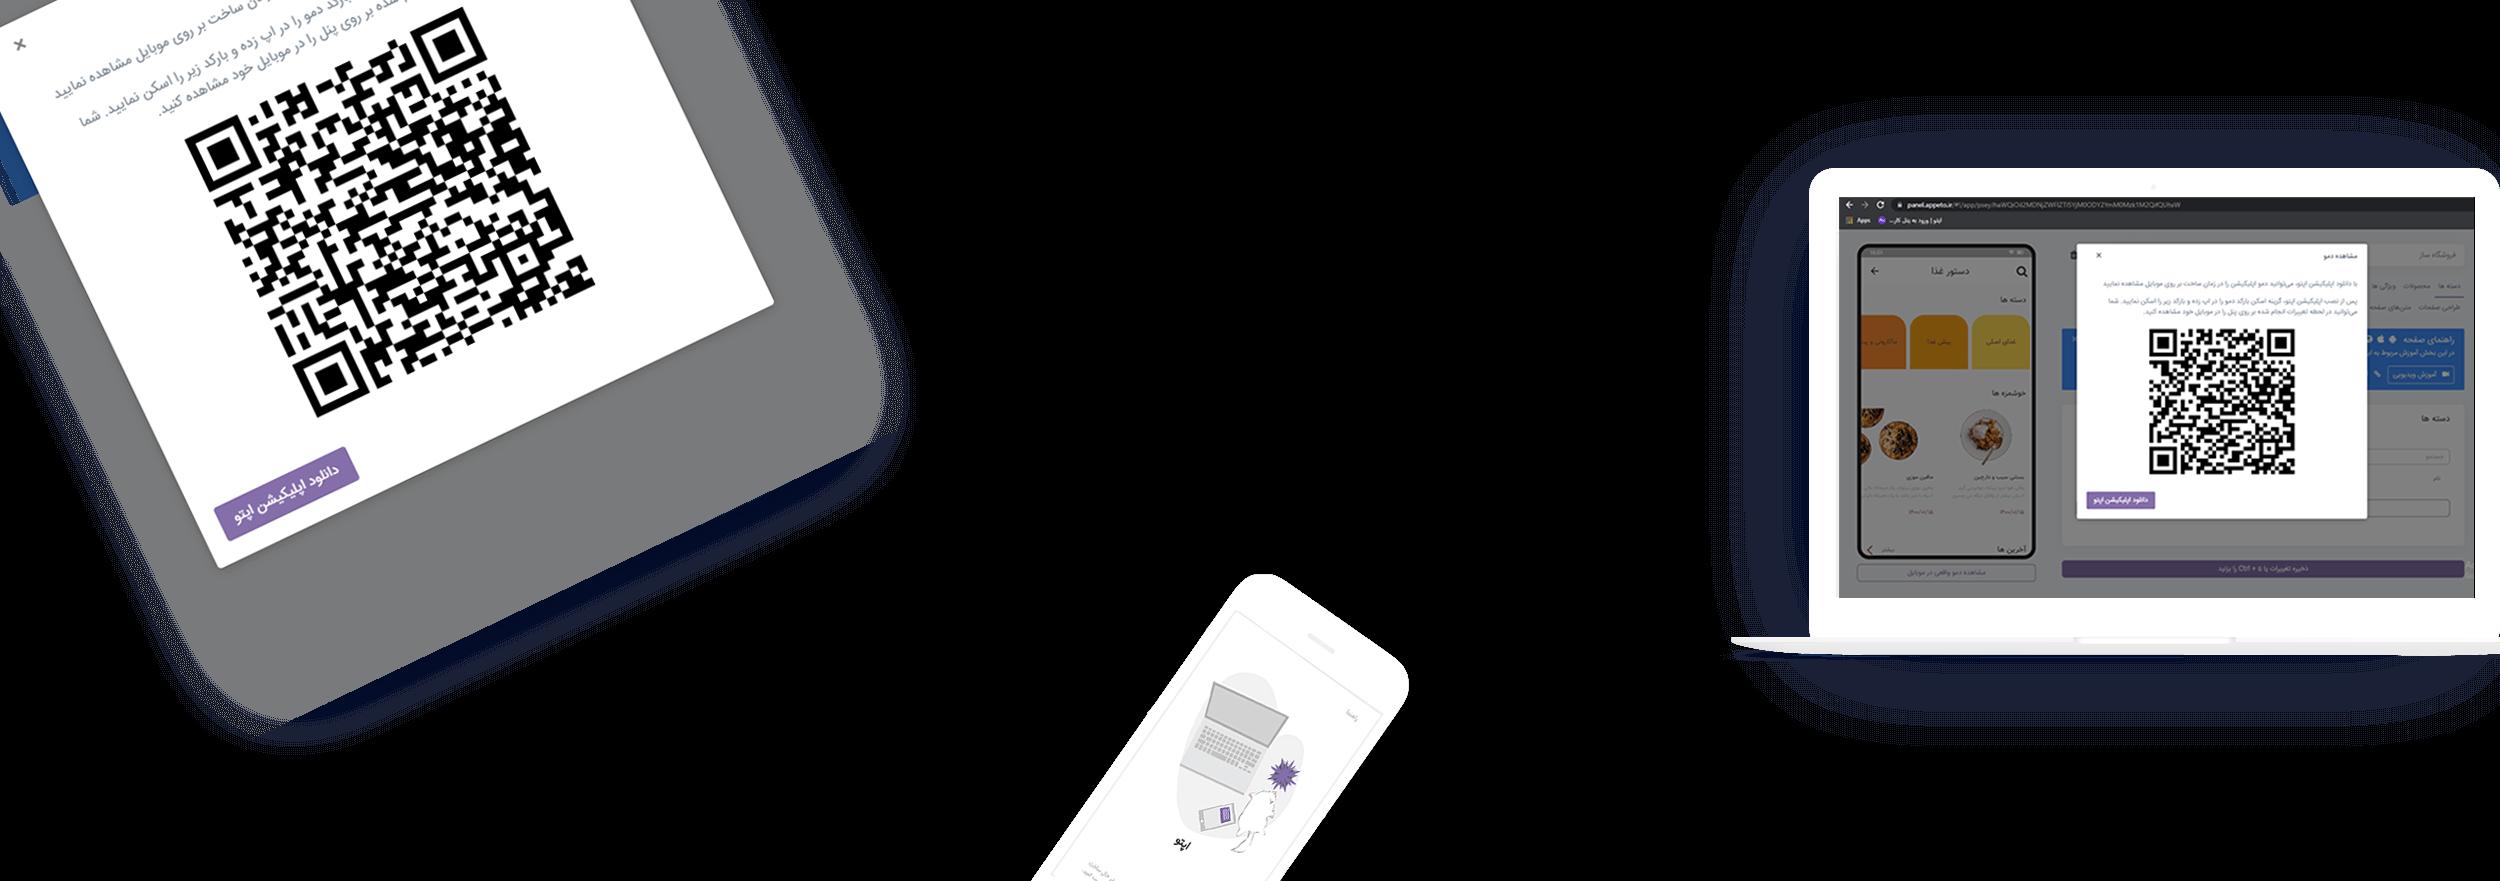 مشاهده دمو در اپلیکیشن اپتو